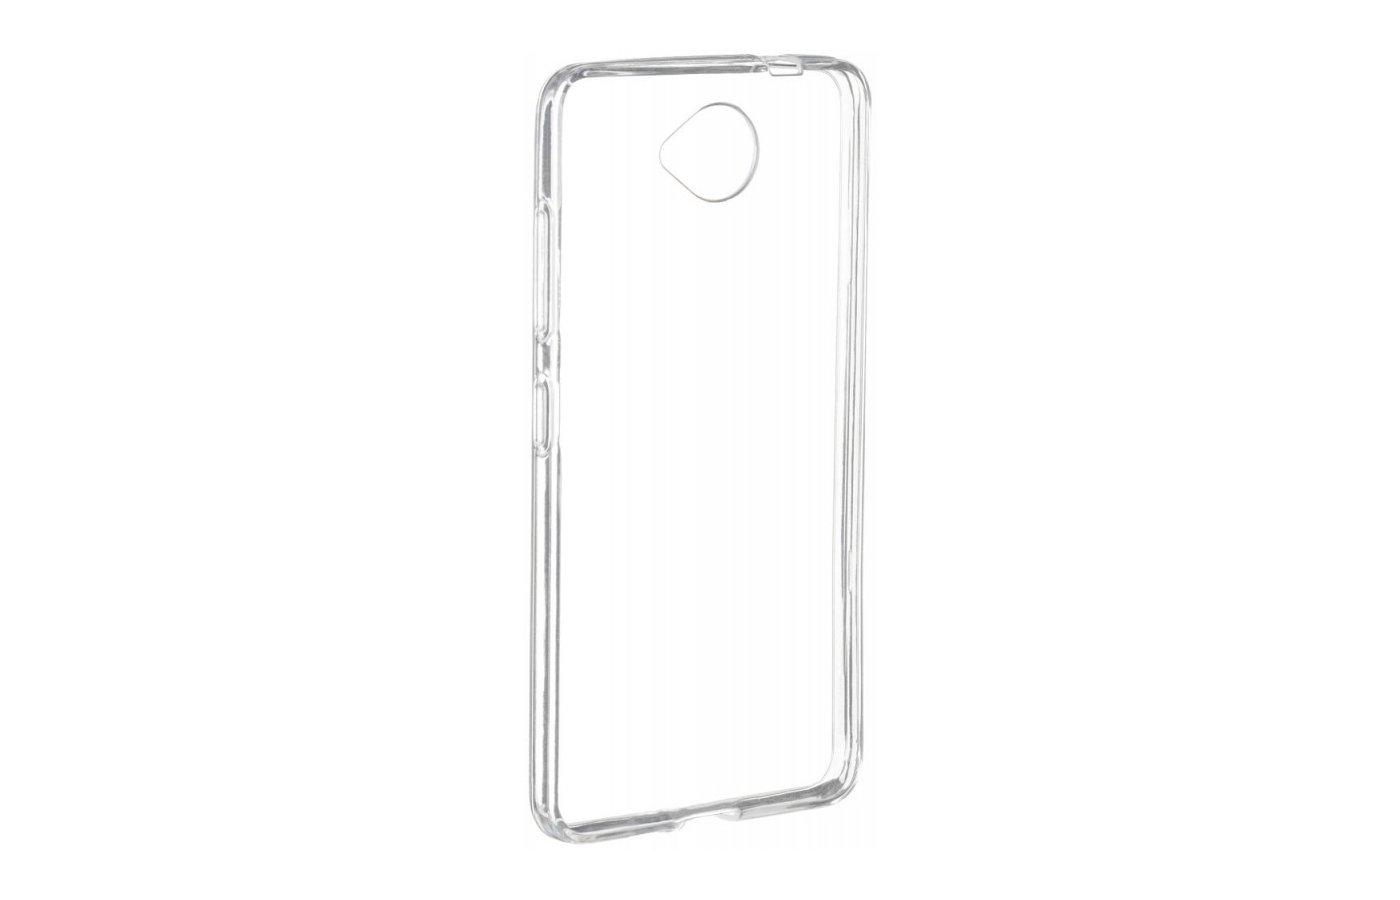 Чехол iBox Crystal для Microsoft Lumia 650 прозрачный